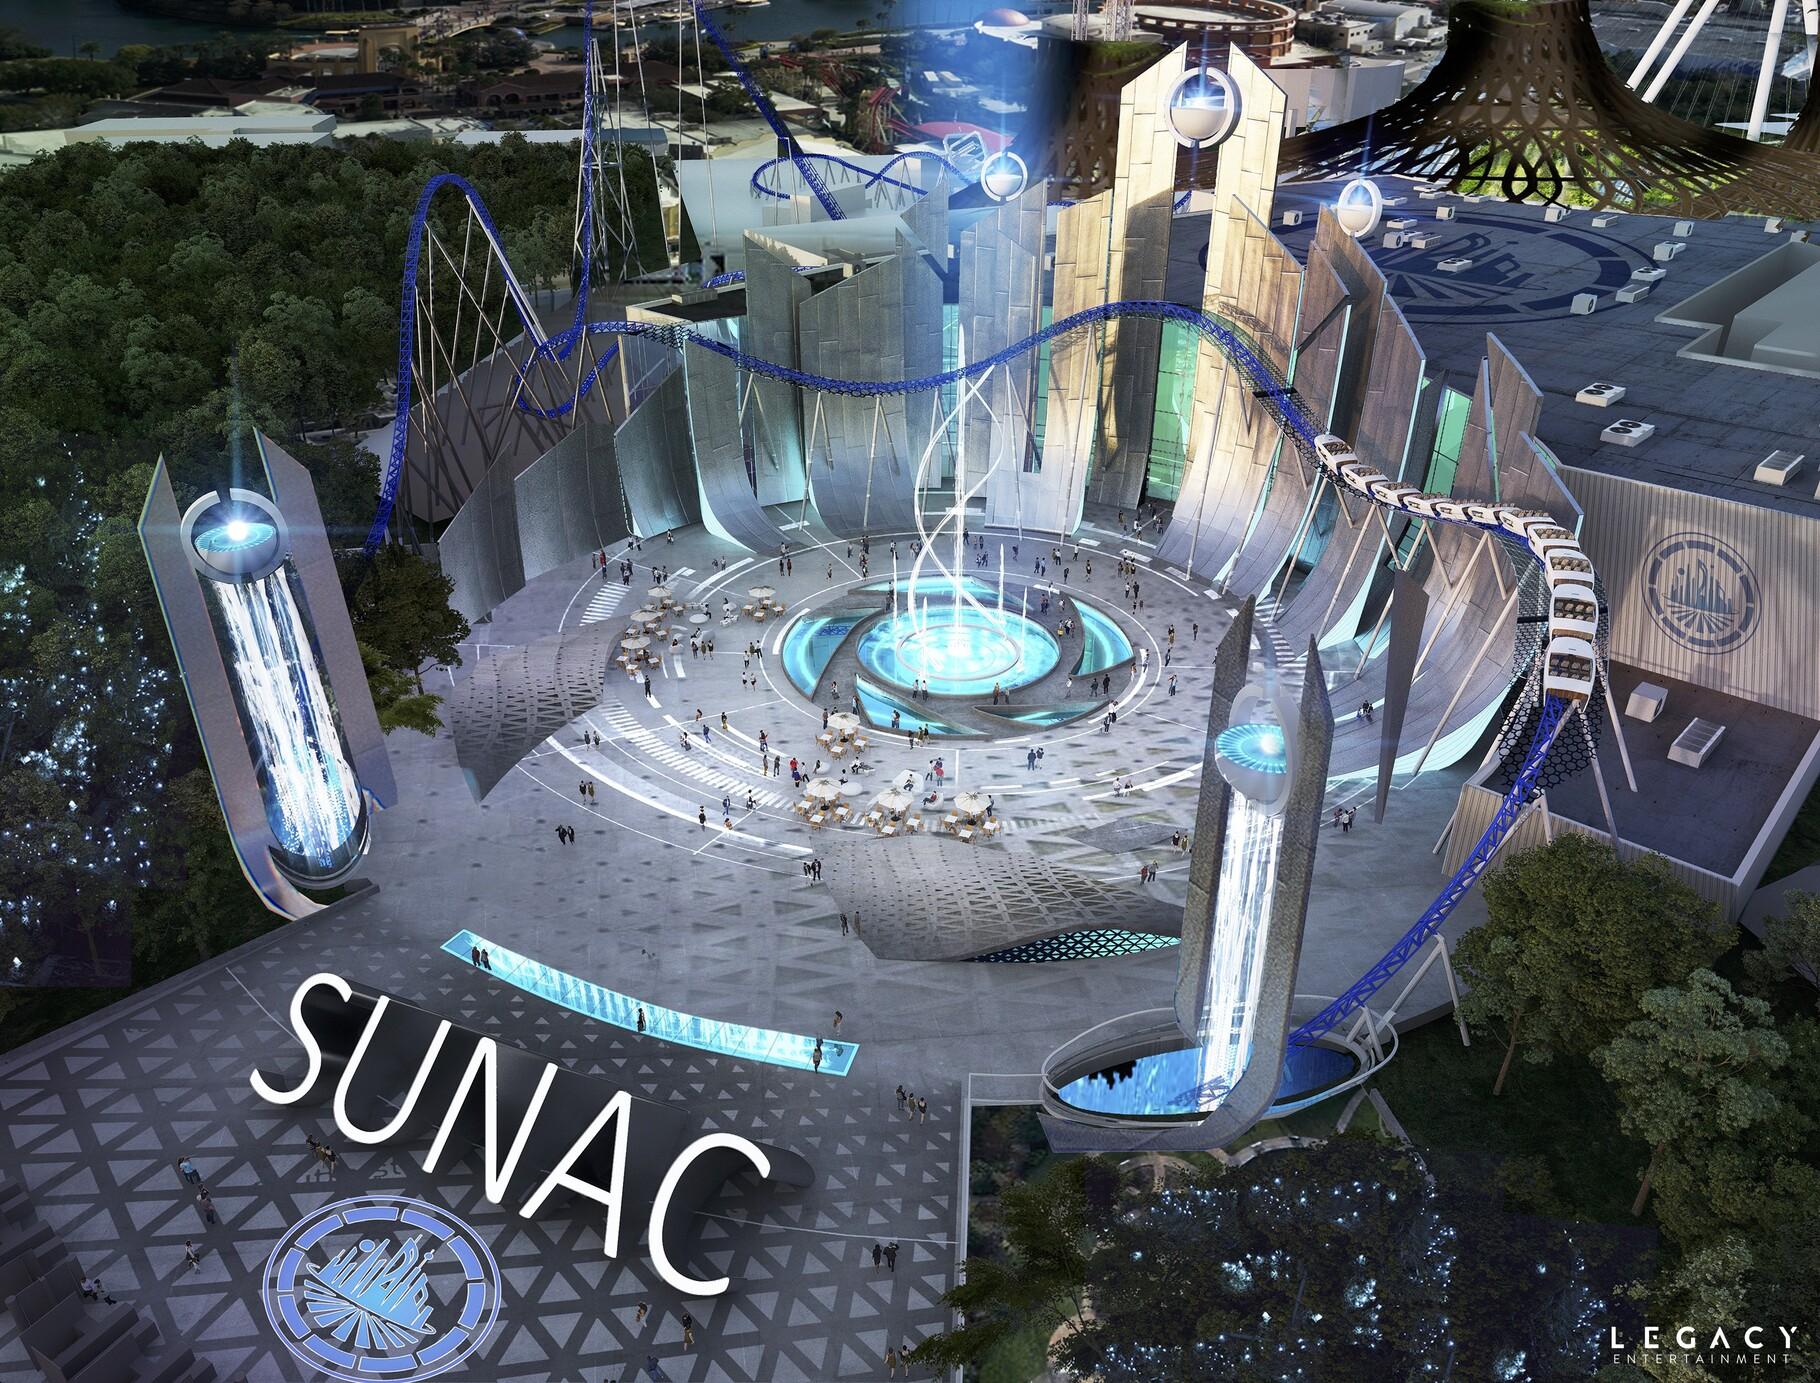 hangzhou-bay-sunac-tourism-city-82678900.jpeg